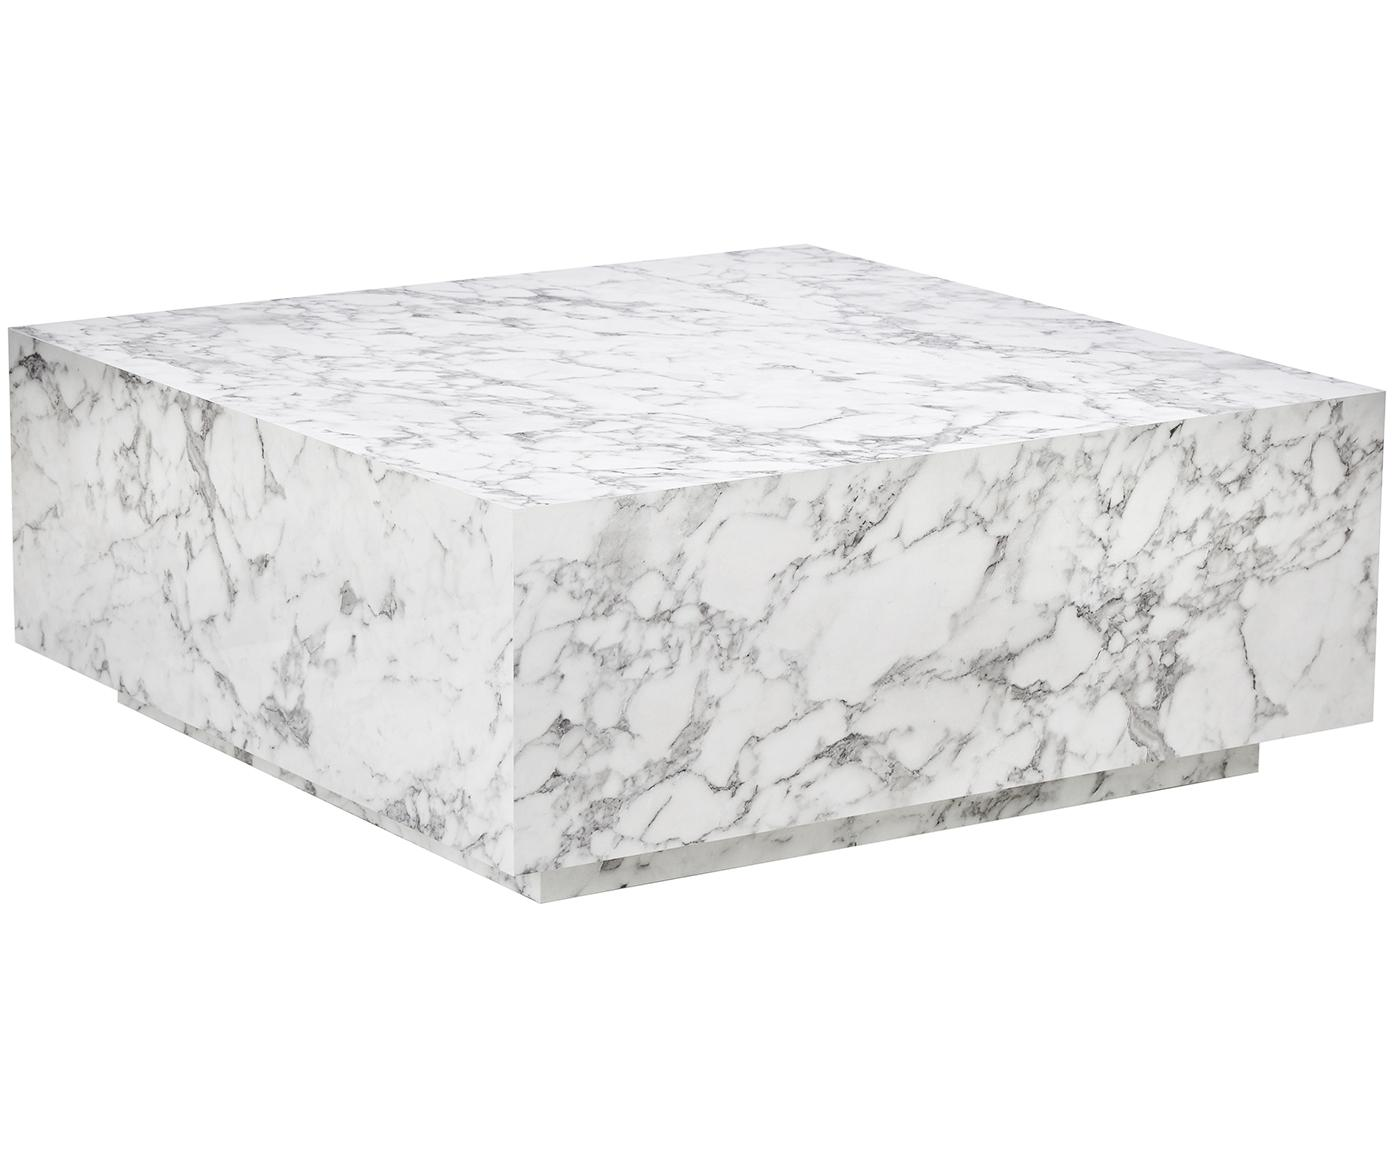 Zwevende salontafel Lesley met marmerlook, MDF bekleed met melaminefolie, Wit, gemarmerd, B 90 x D 90 cm